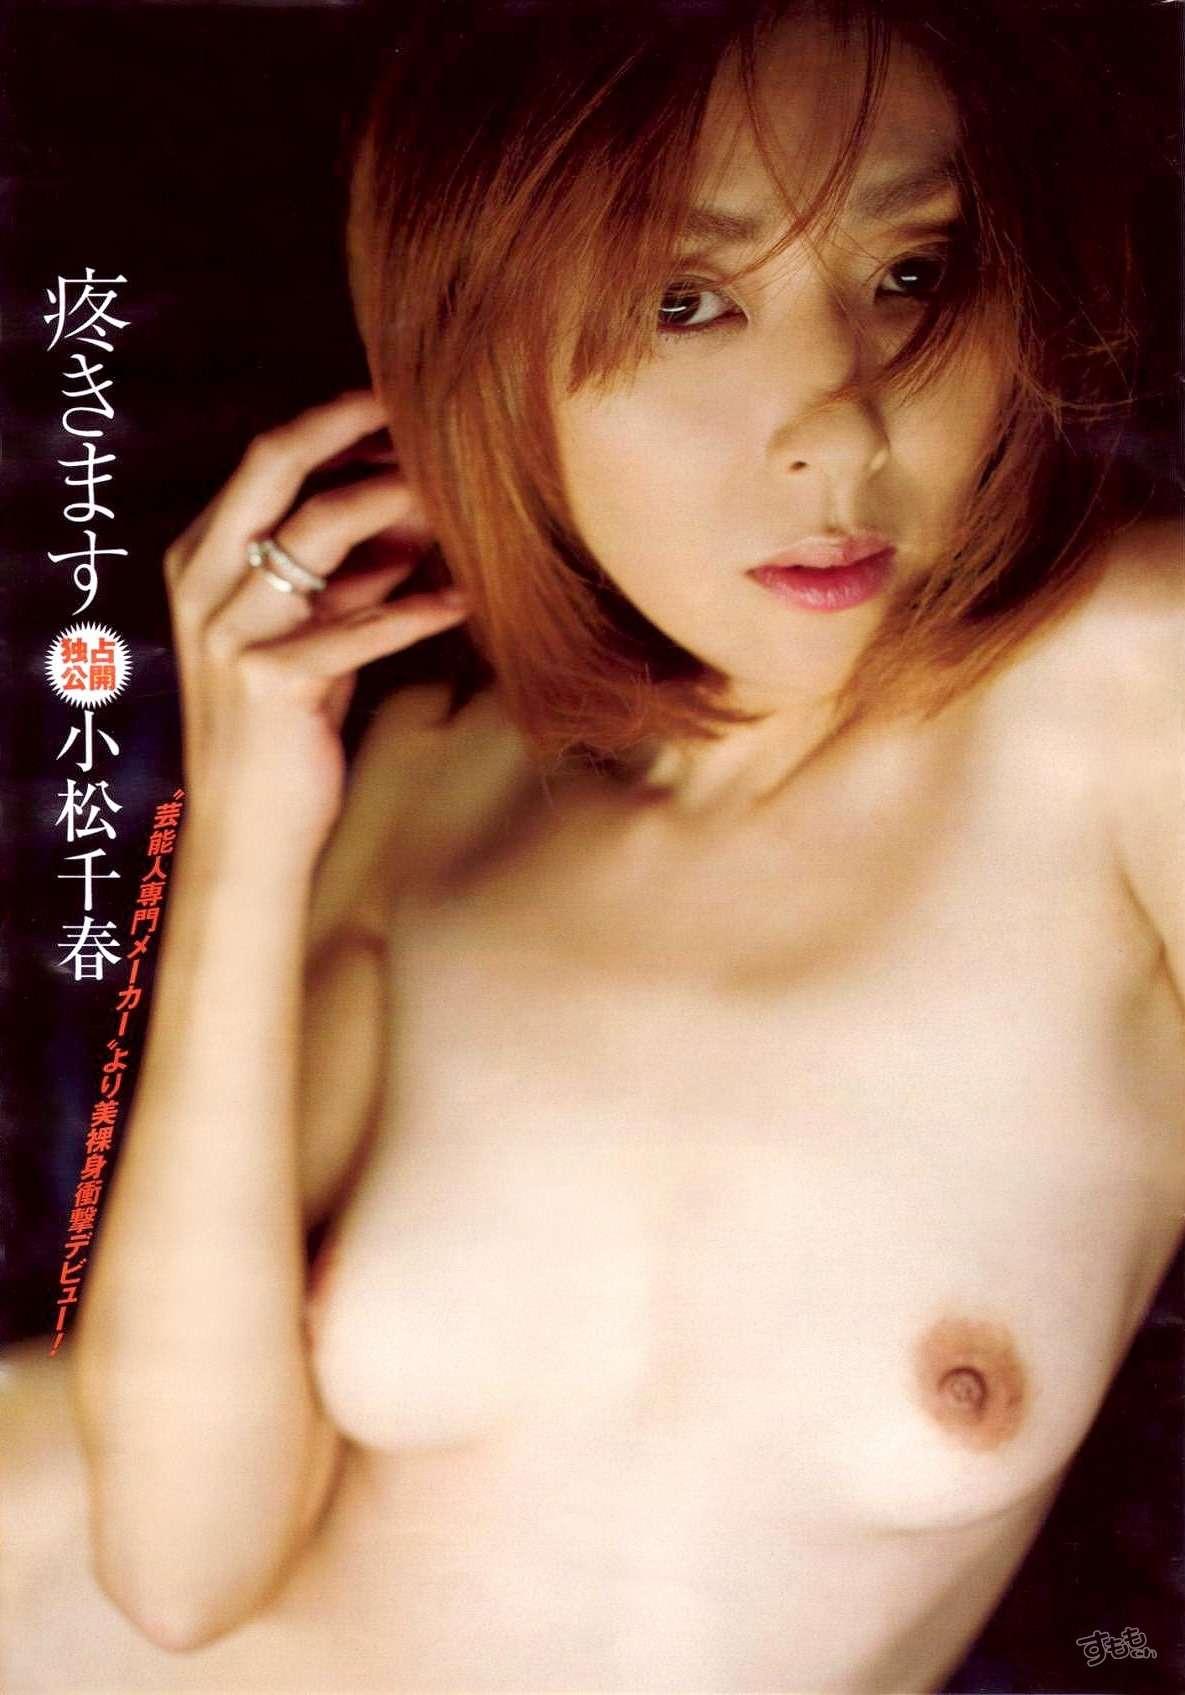 芸能人の小松千春AV転身エロ画像